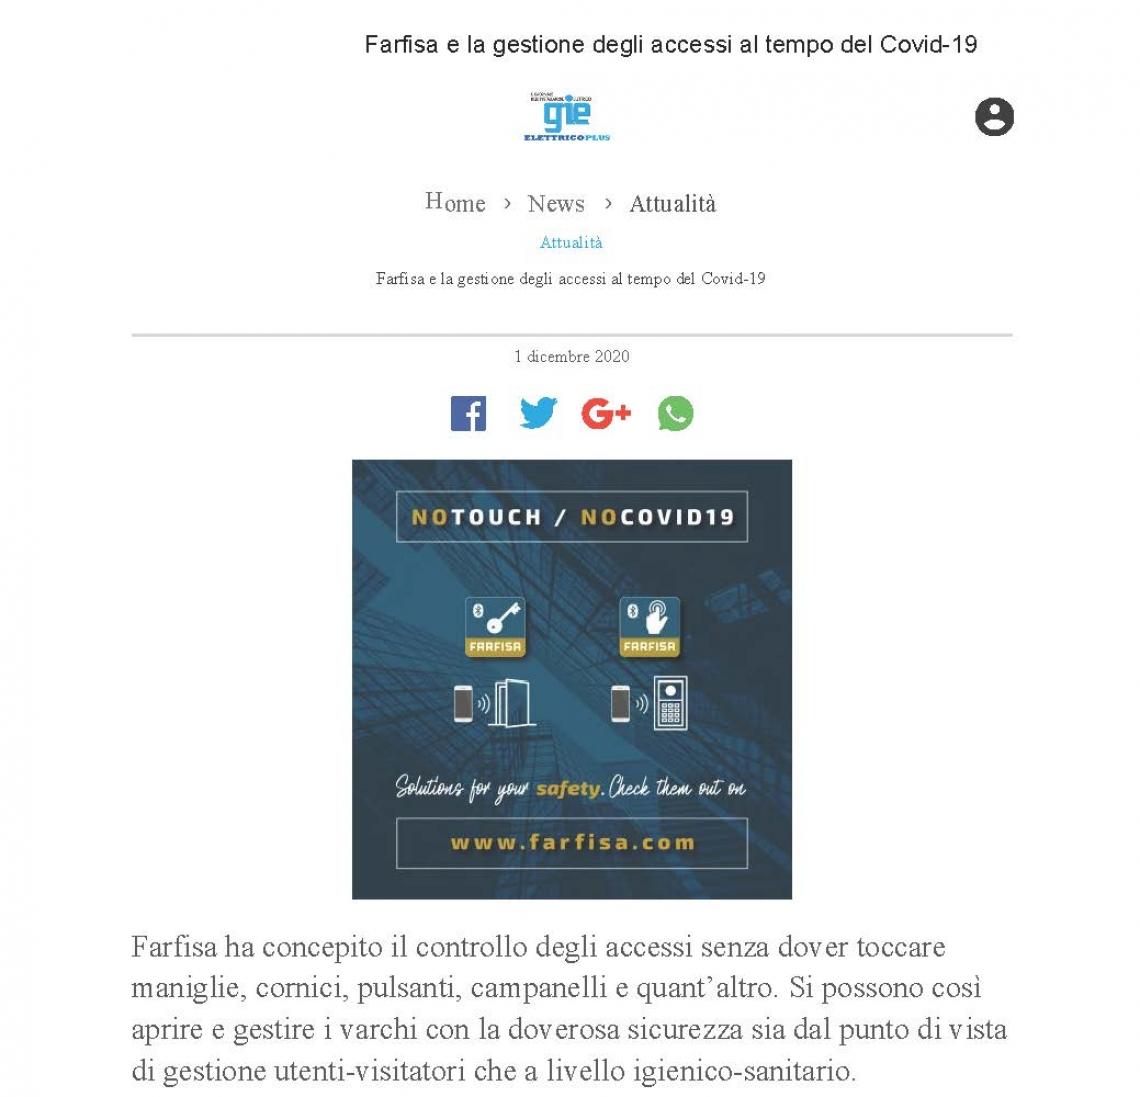 Farfisa e la gestione degli accessi a tempo di Covid-19